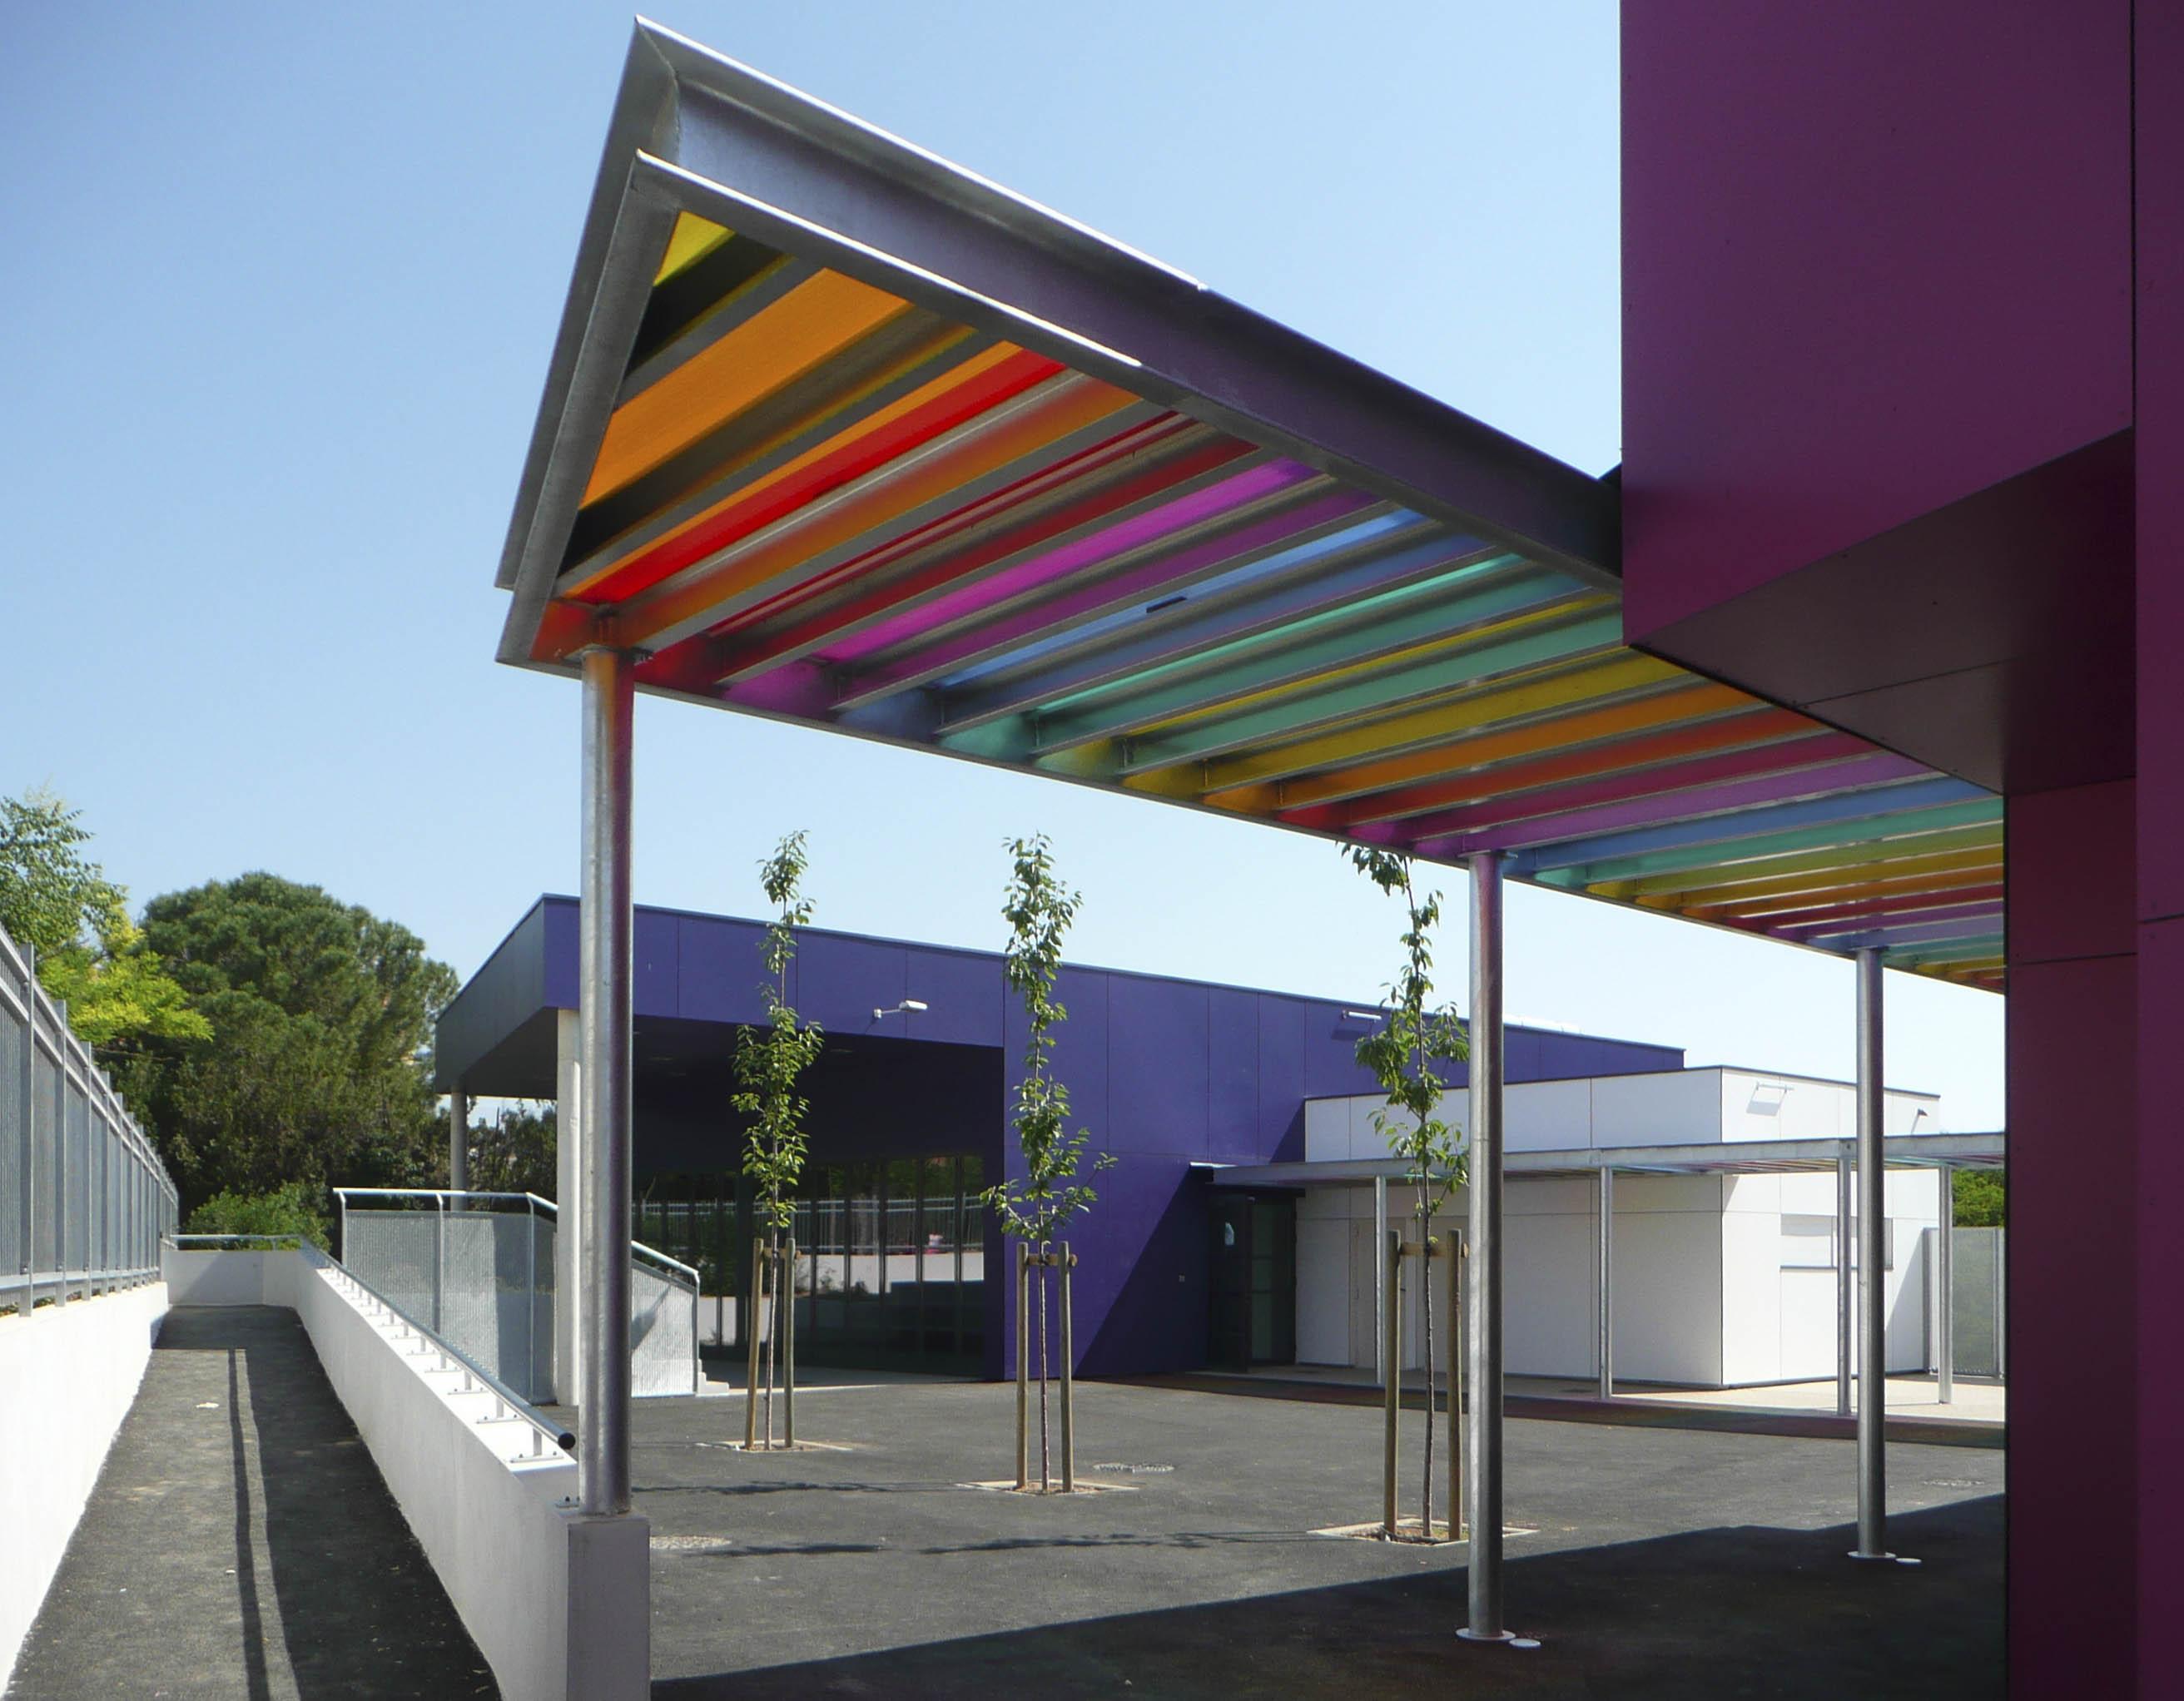 Maison de quartier Béziers BF Architecture 4